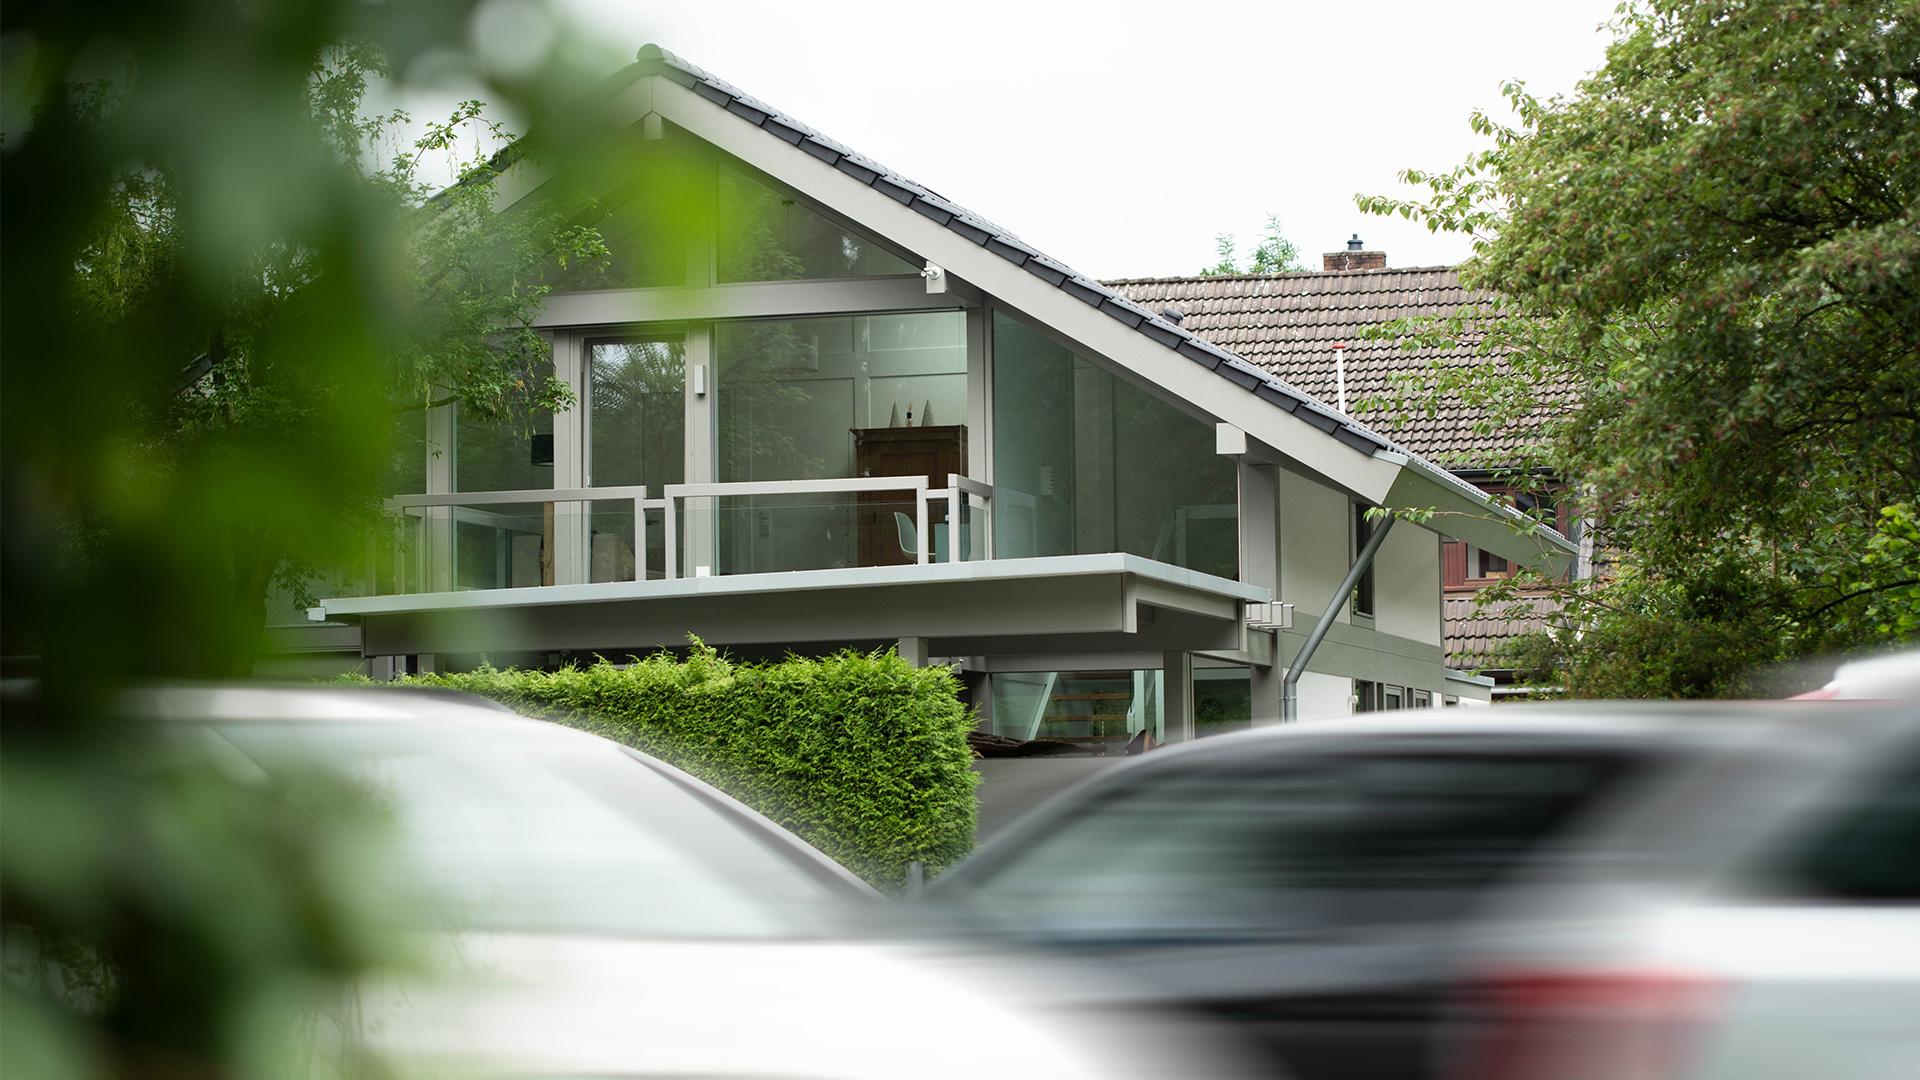 Modernes Fachwerkhaus auf Pinterest | Detmolder Fachwerkhaus